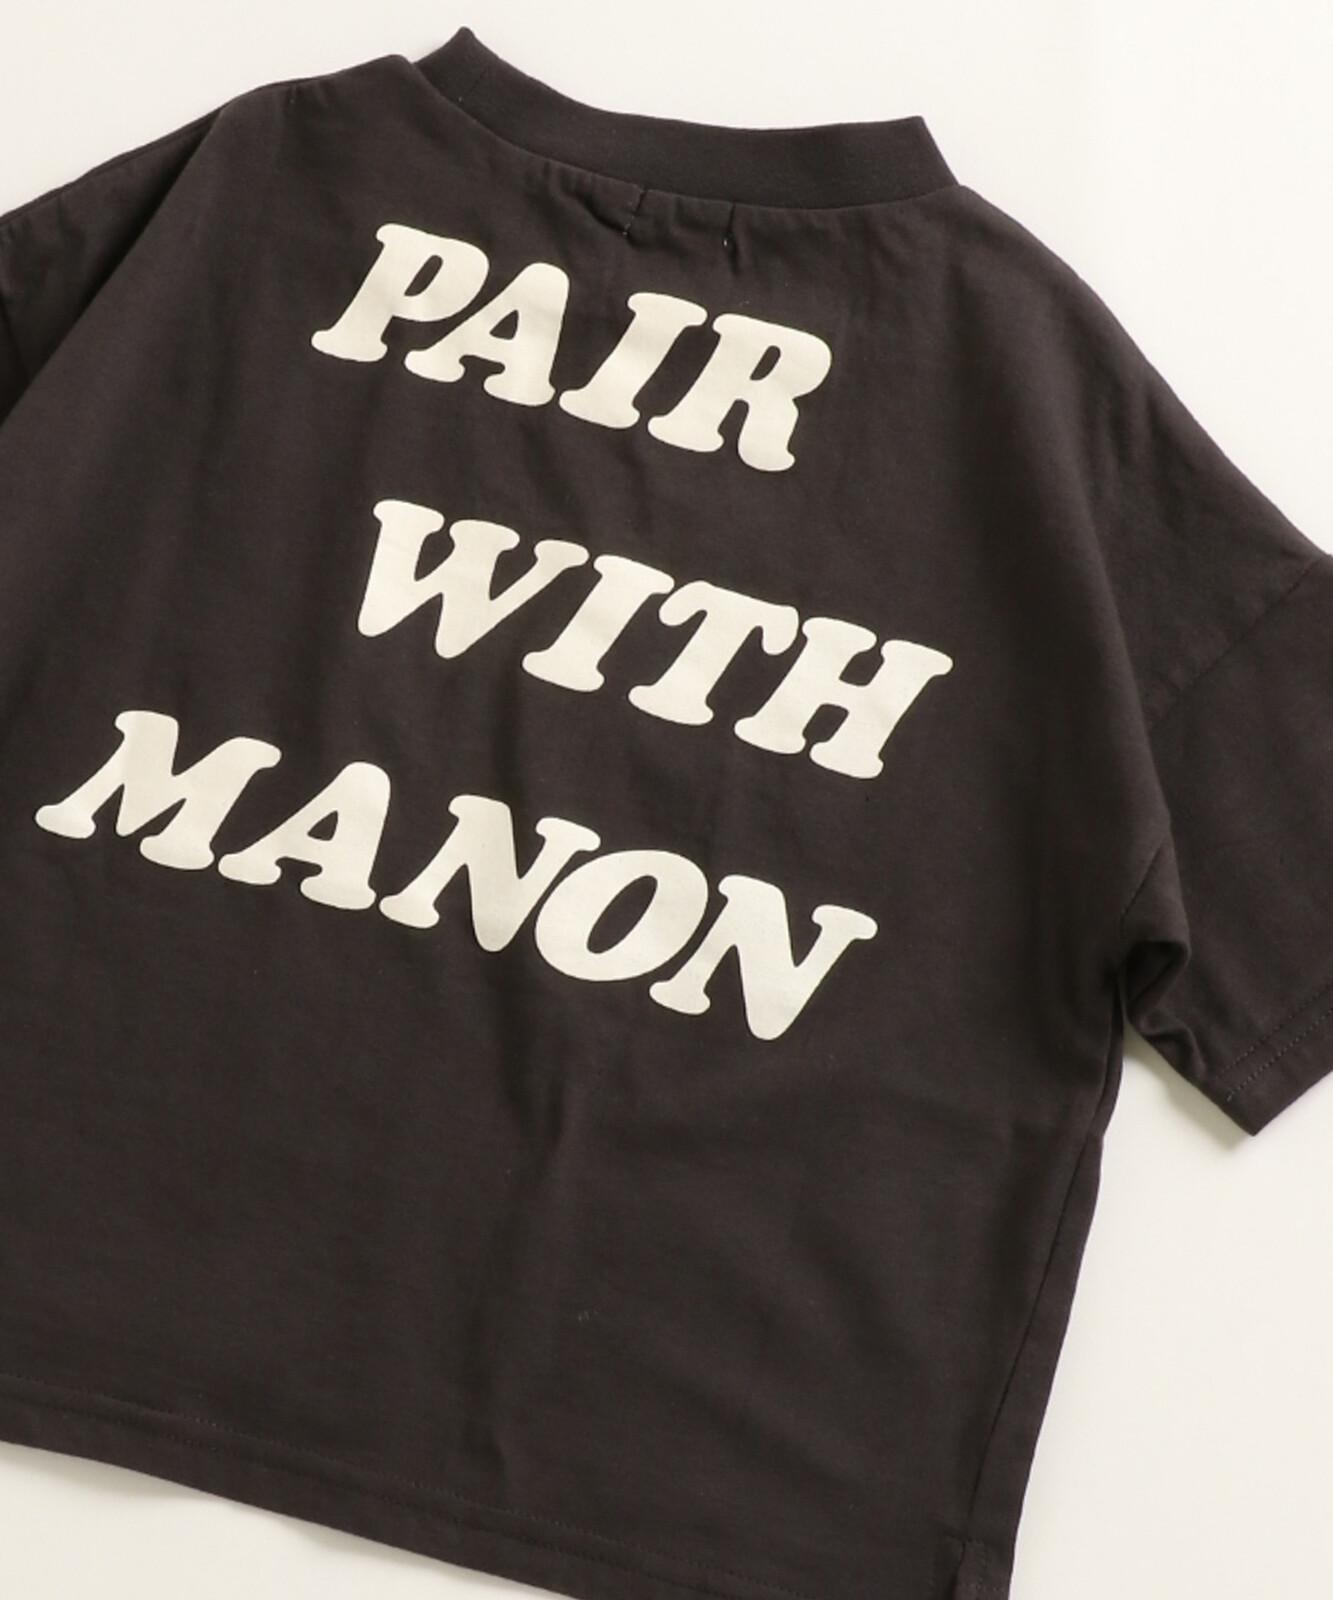 basic t shirt wholesale